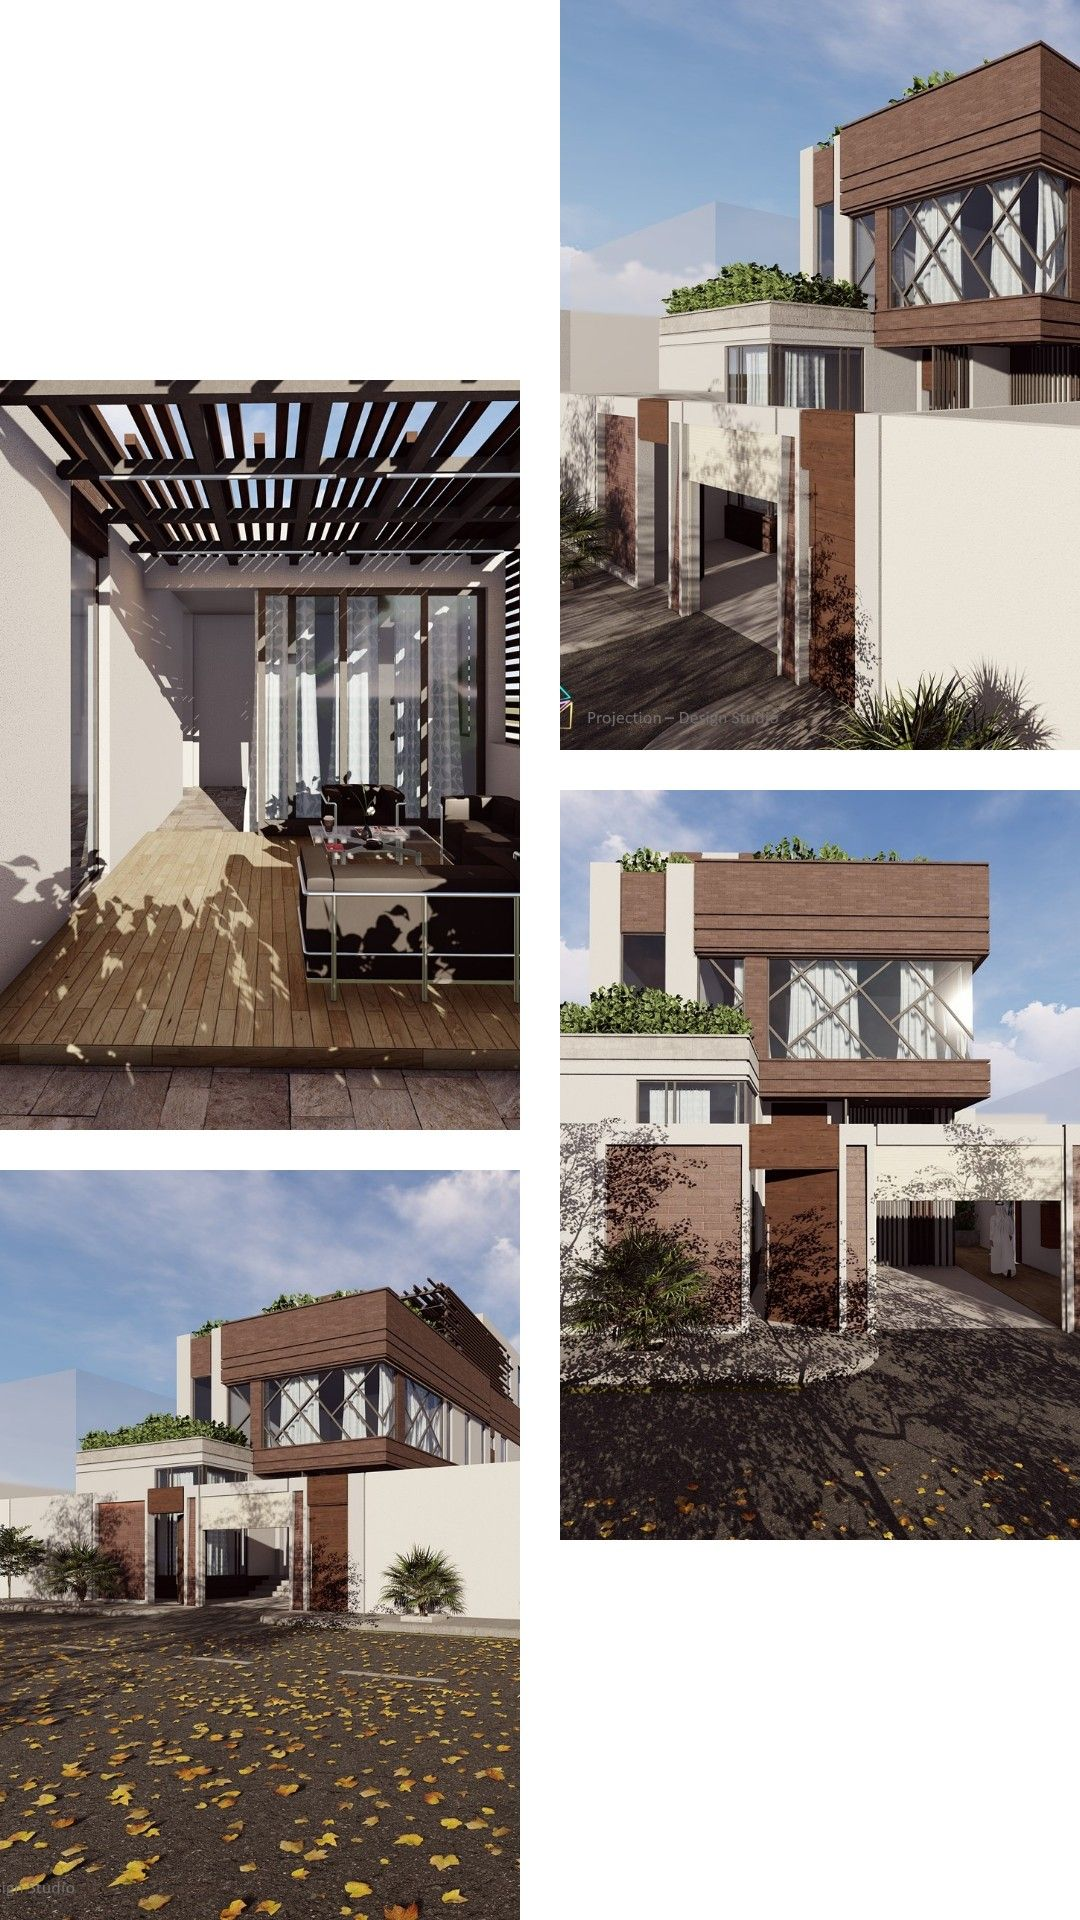 تصميم منزل مودرن خارجي 3d Architecture Architecture Design Design